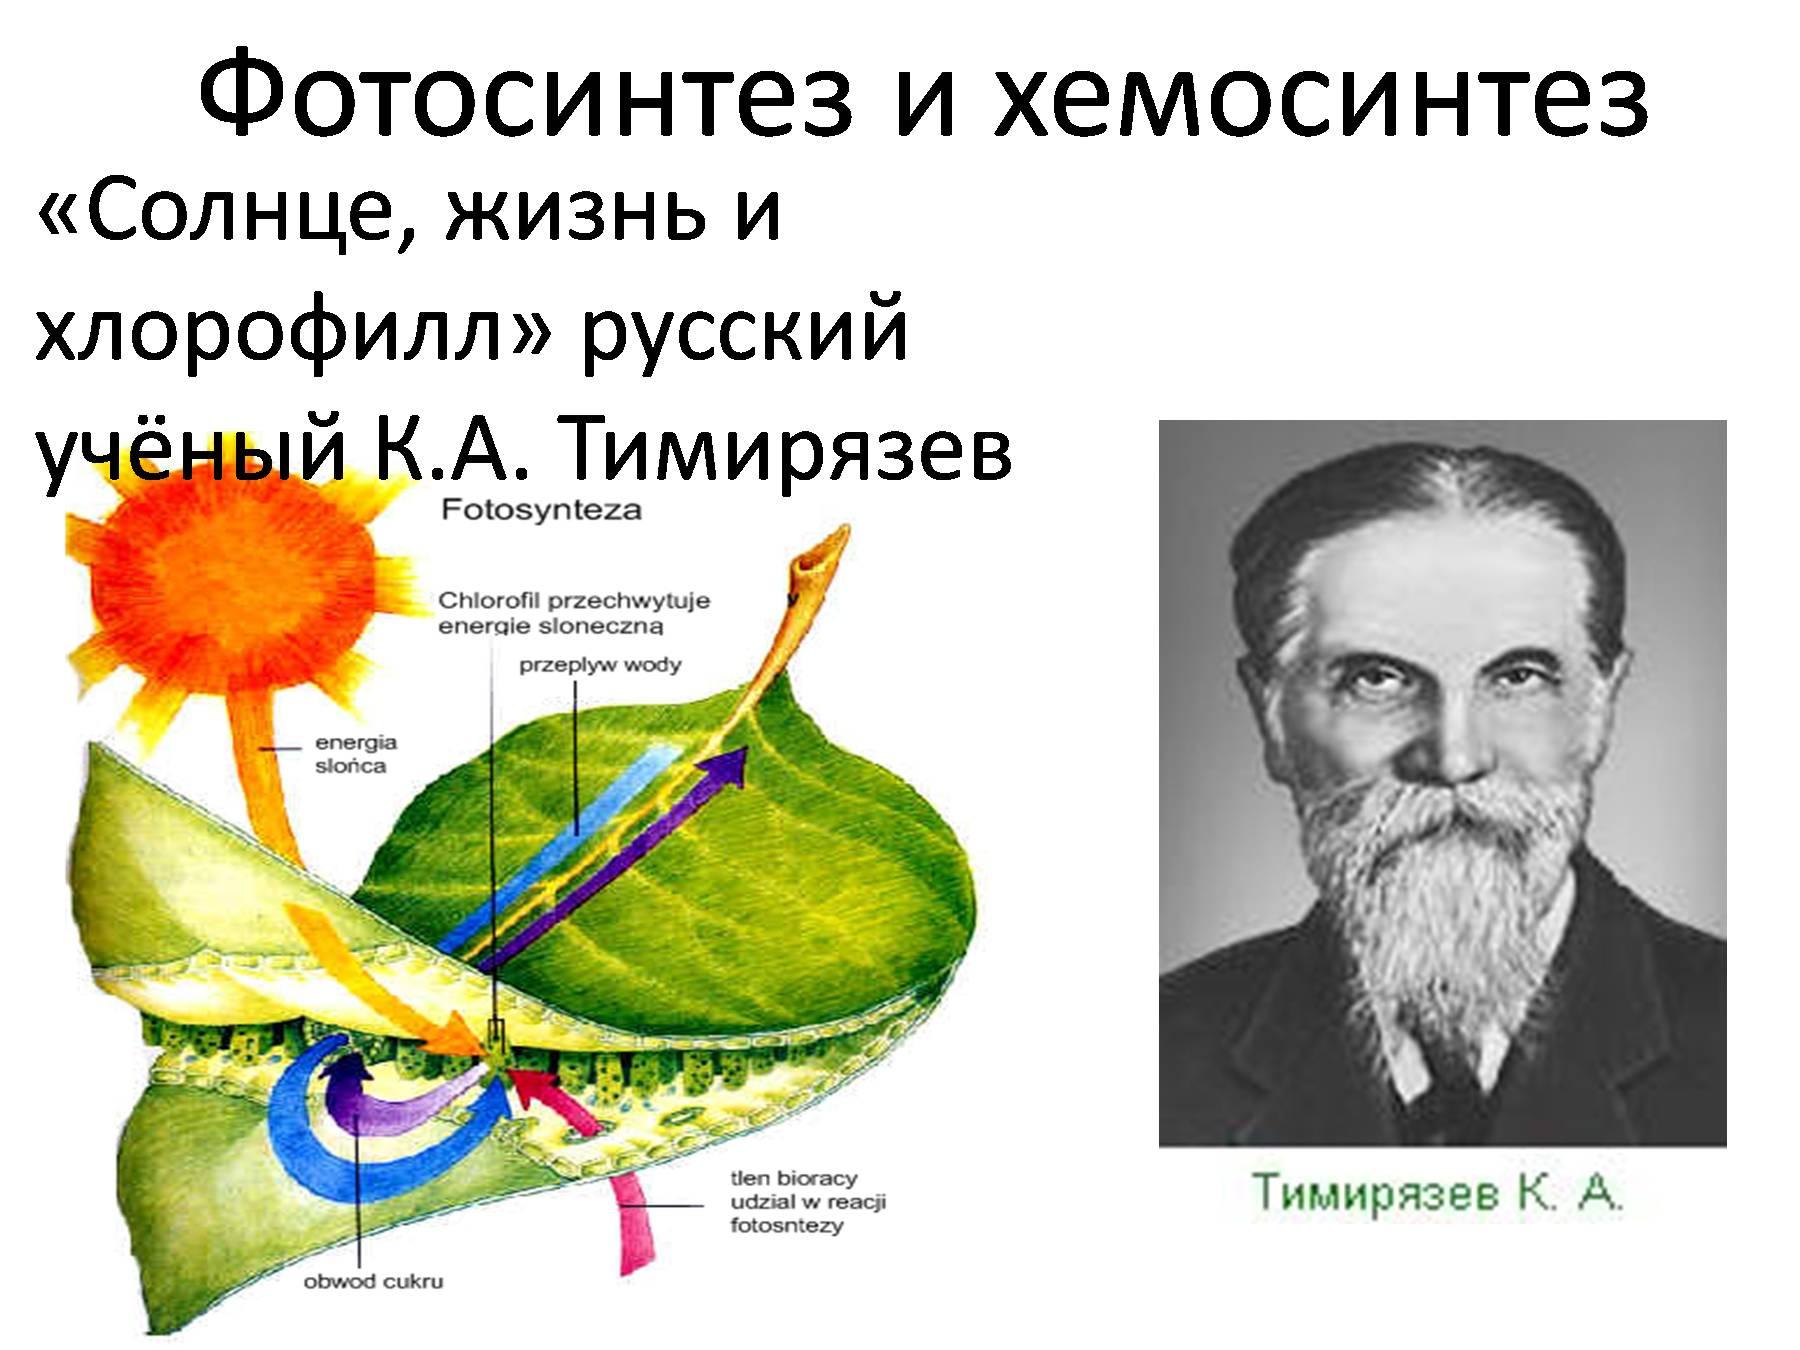 доклад фотосинтез и хемосинтез хозяину хочется